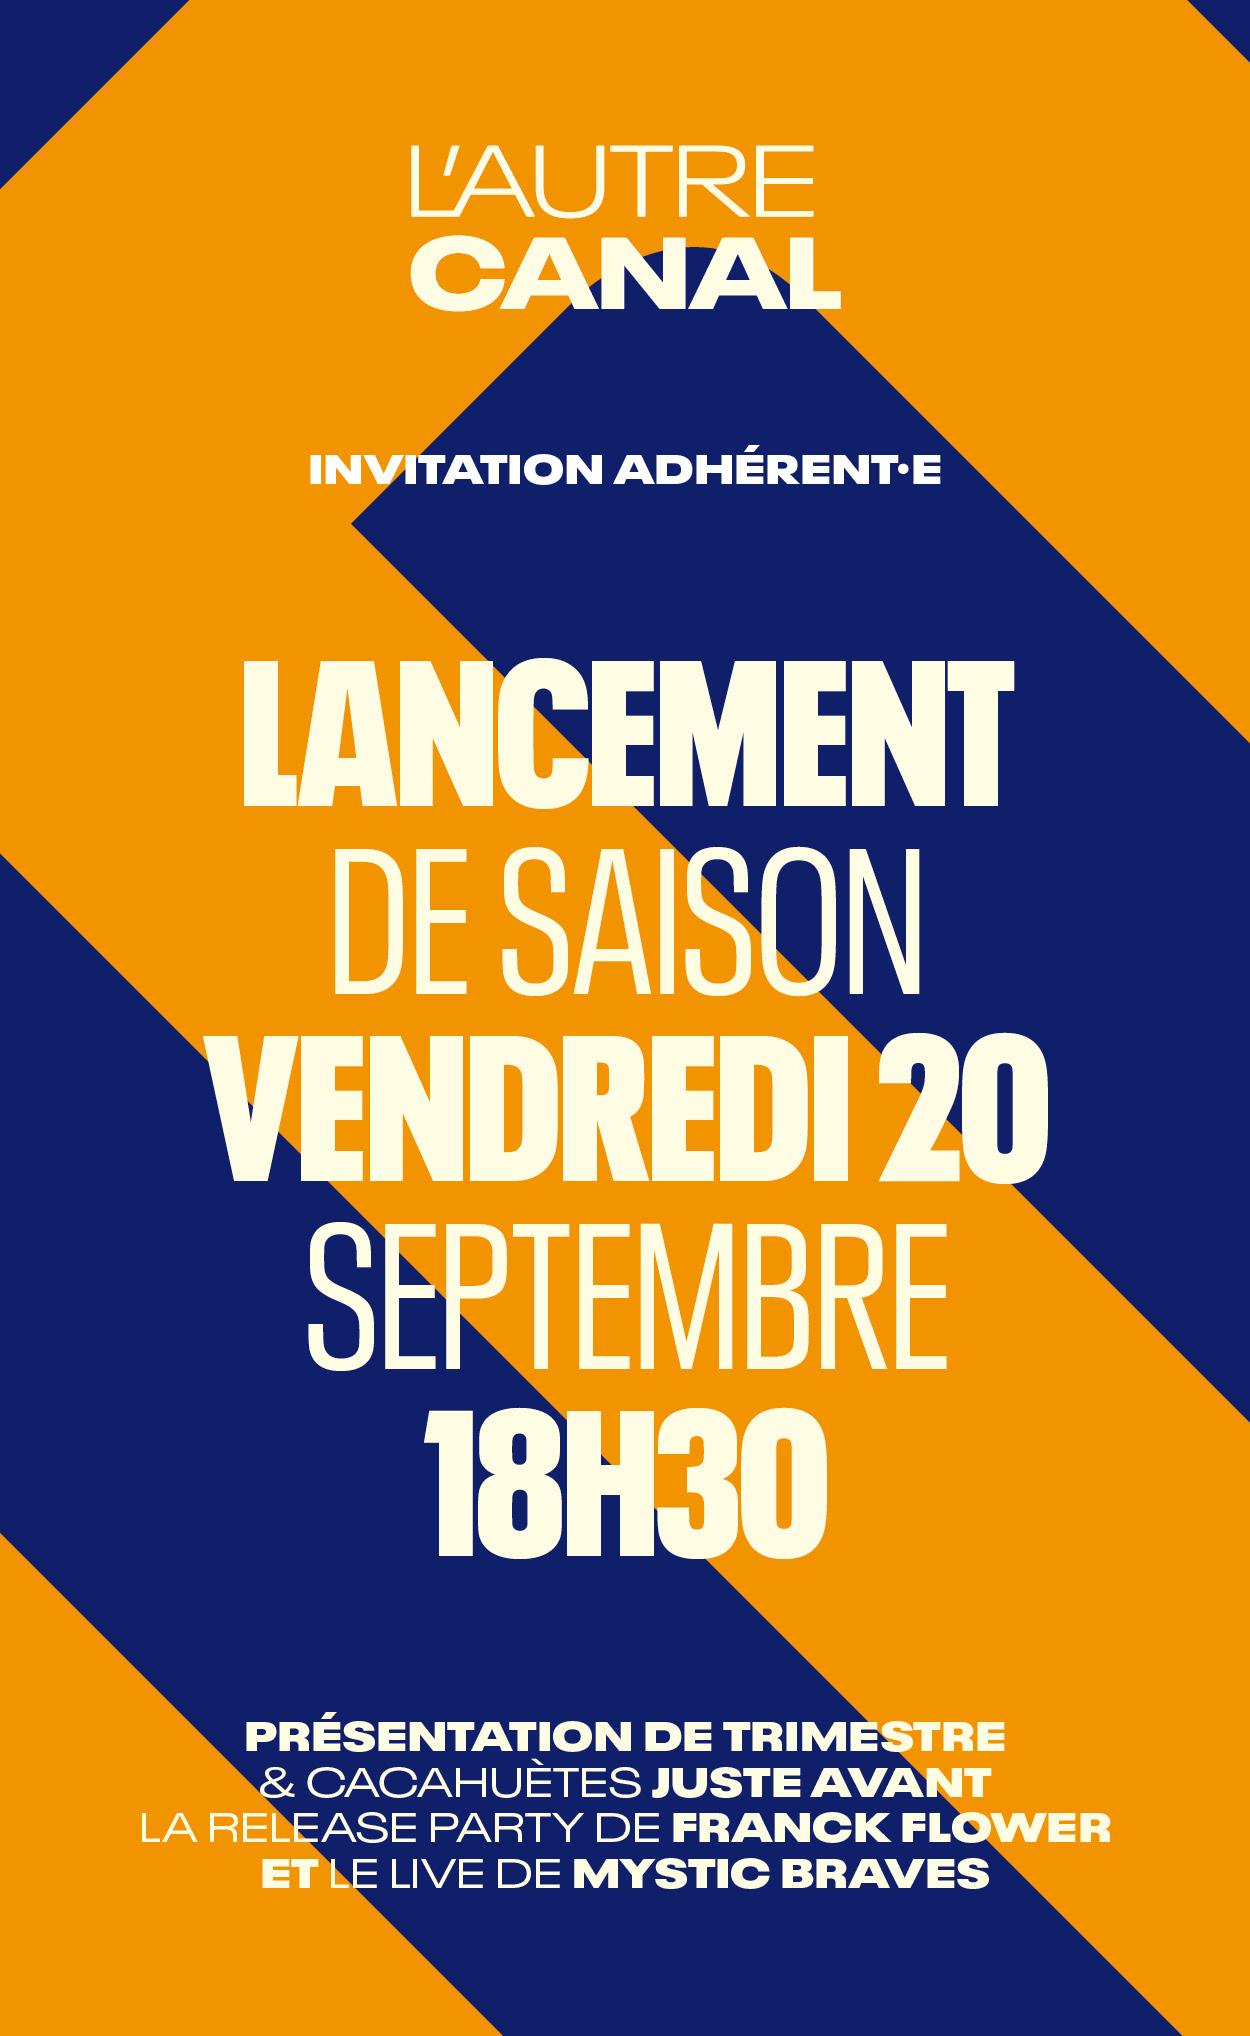 LAC lance sa saison 2019/2020